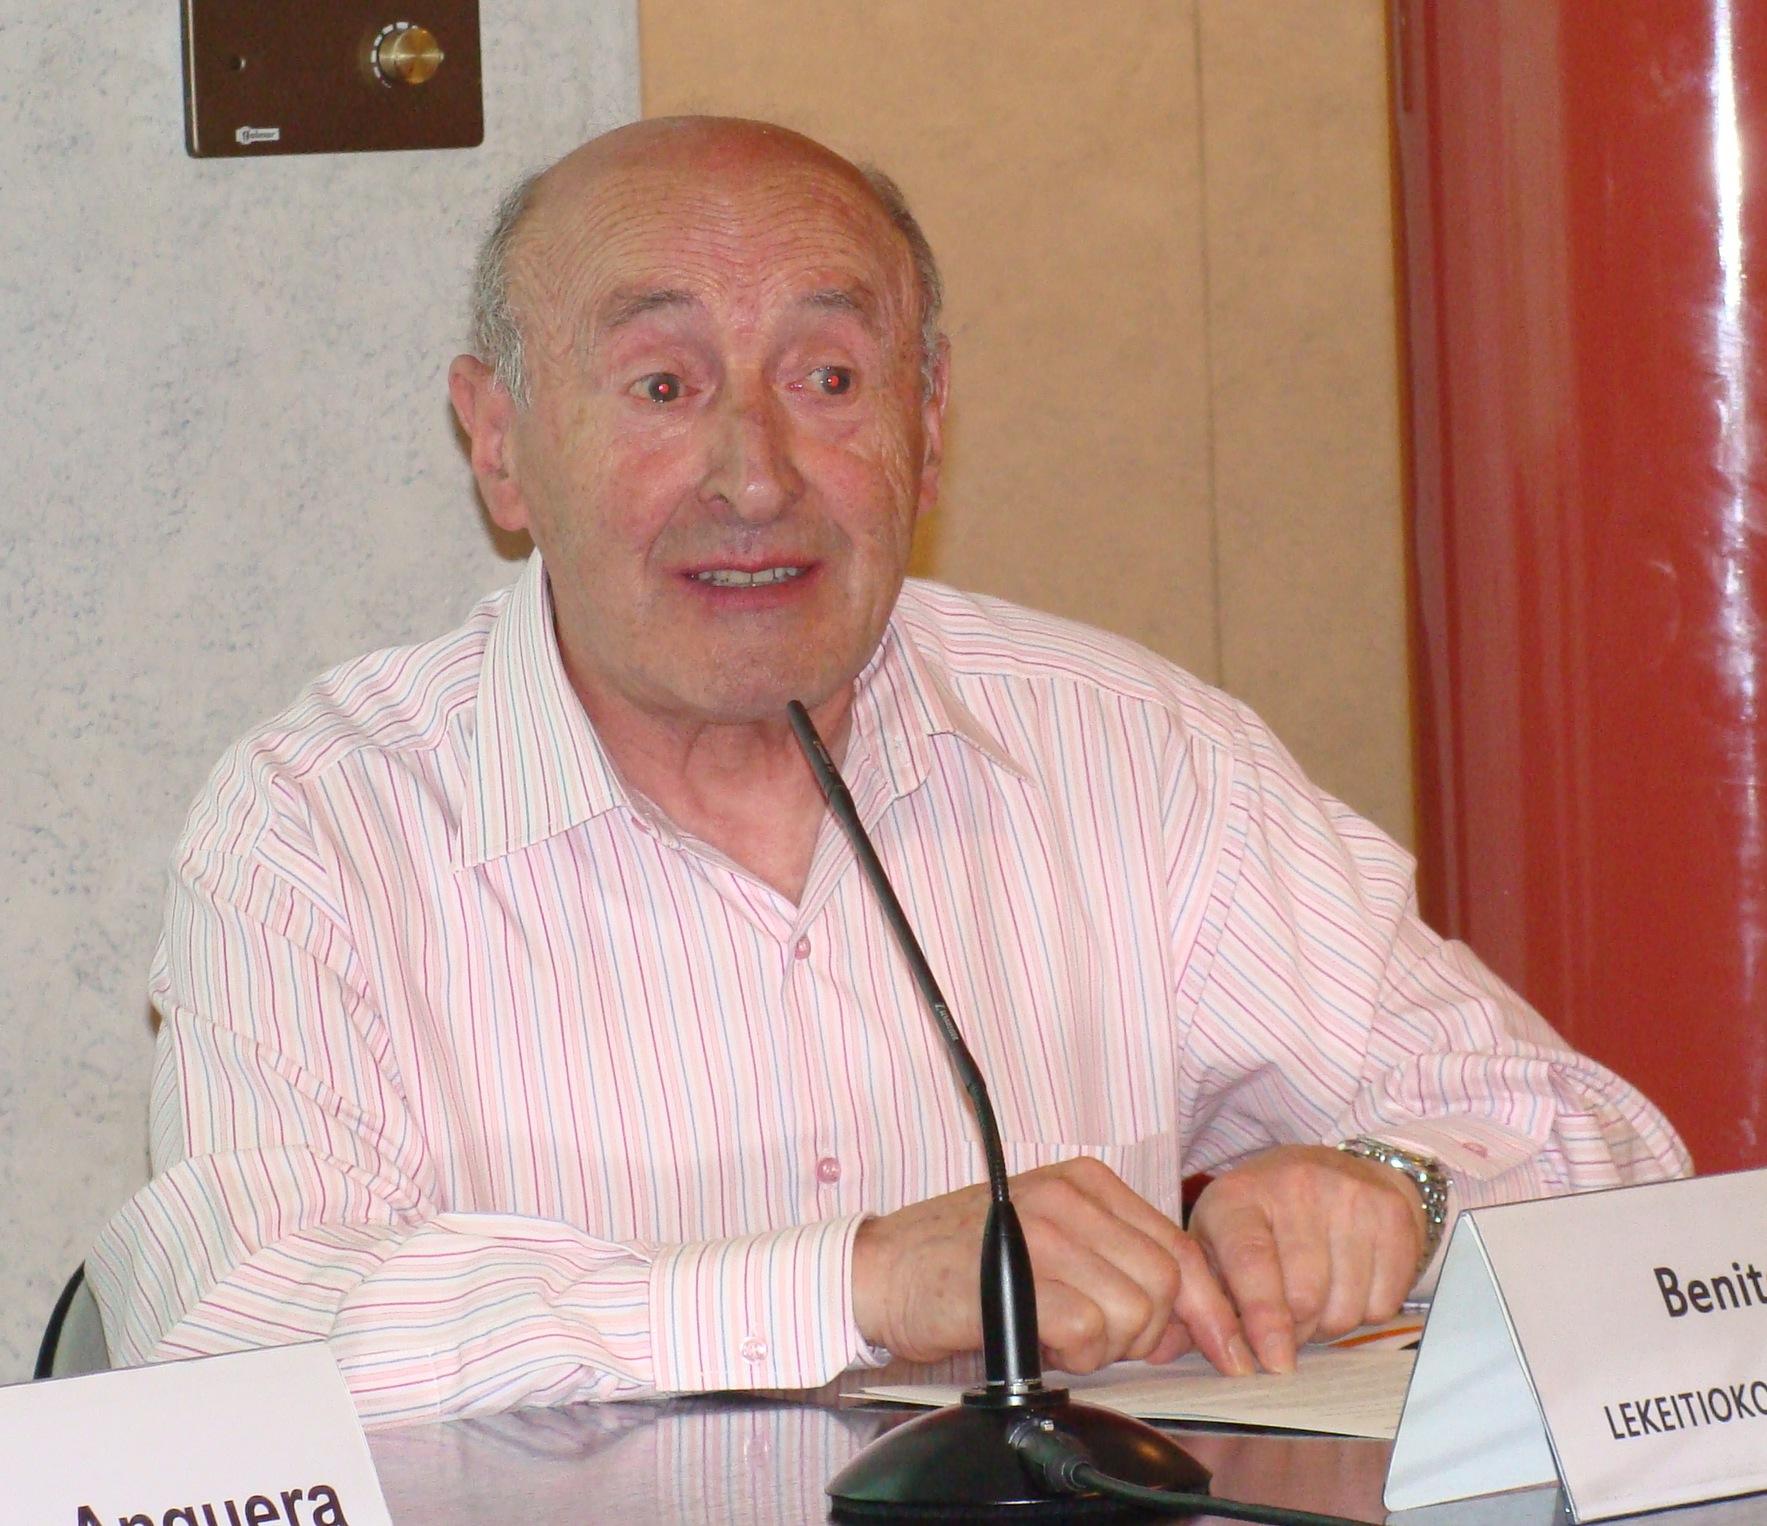 Benito Ansola